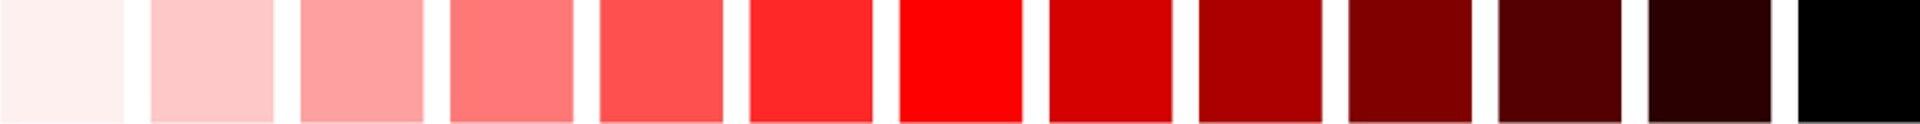 Ilustracja przedstawia jasność koloru. Na zdjęciu znajduje się próbka koloru czerwonego, począwszy od bieli, skończywszy na czerni.